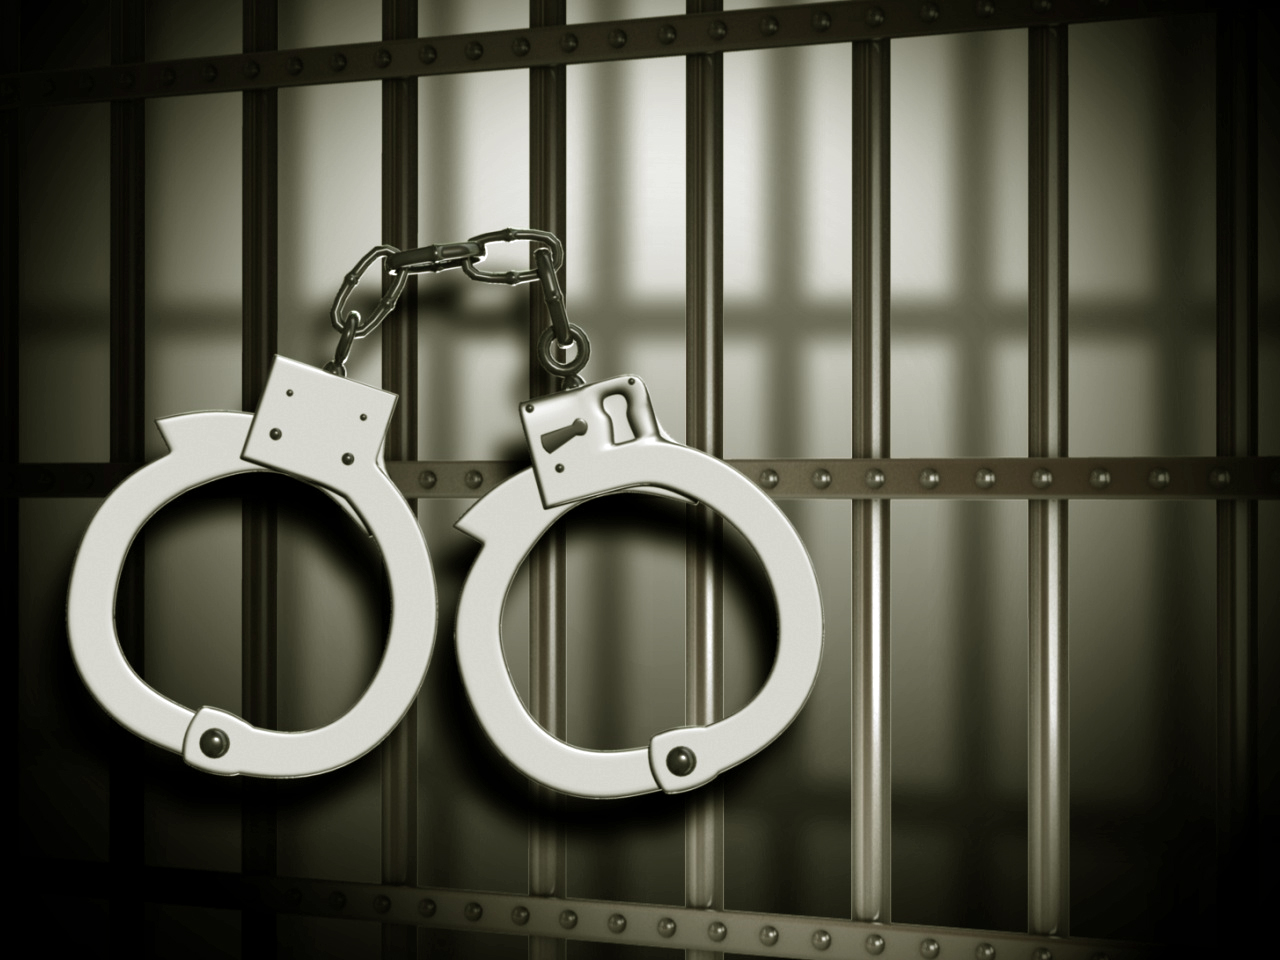 arrest jail cuffs_1552585005046.jpg.jpg